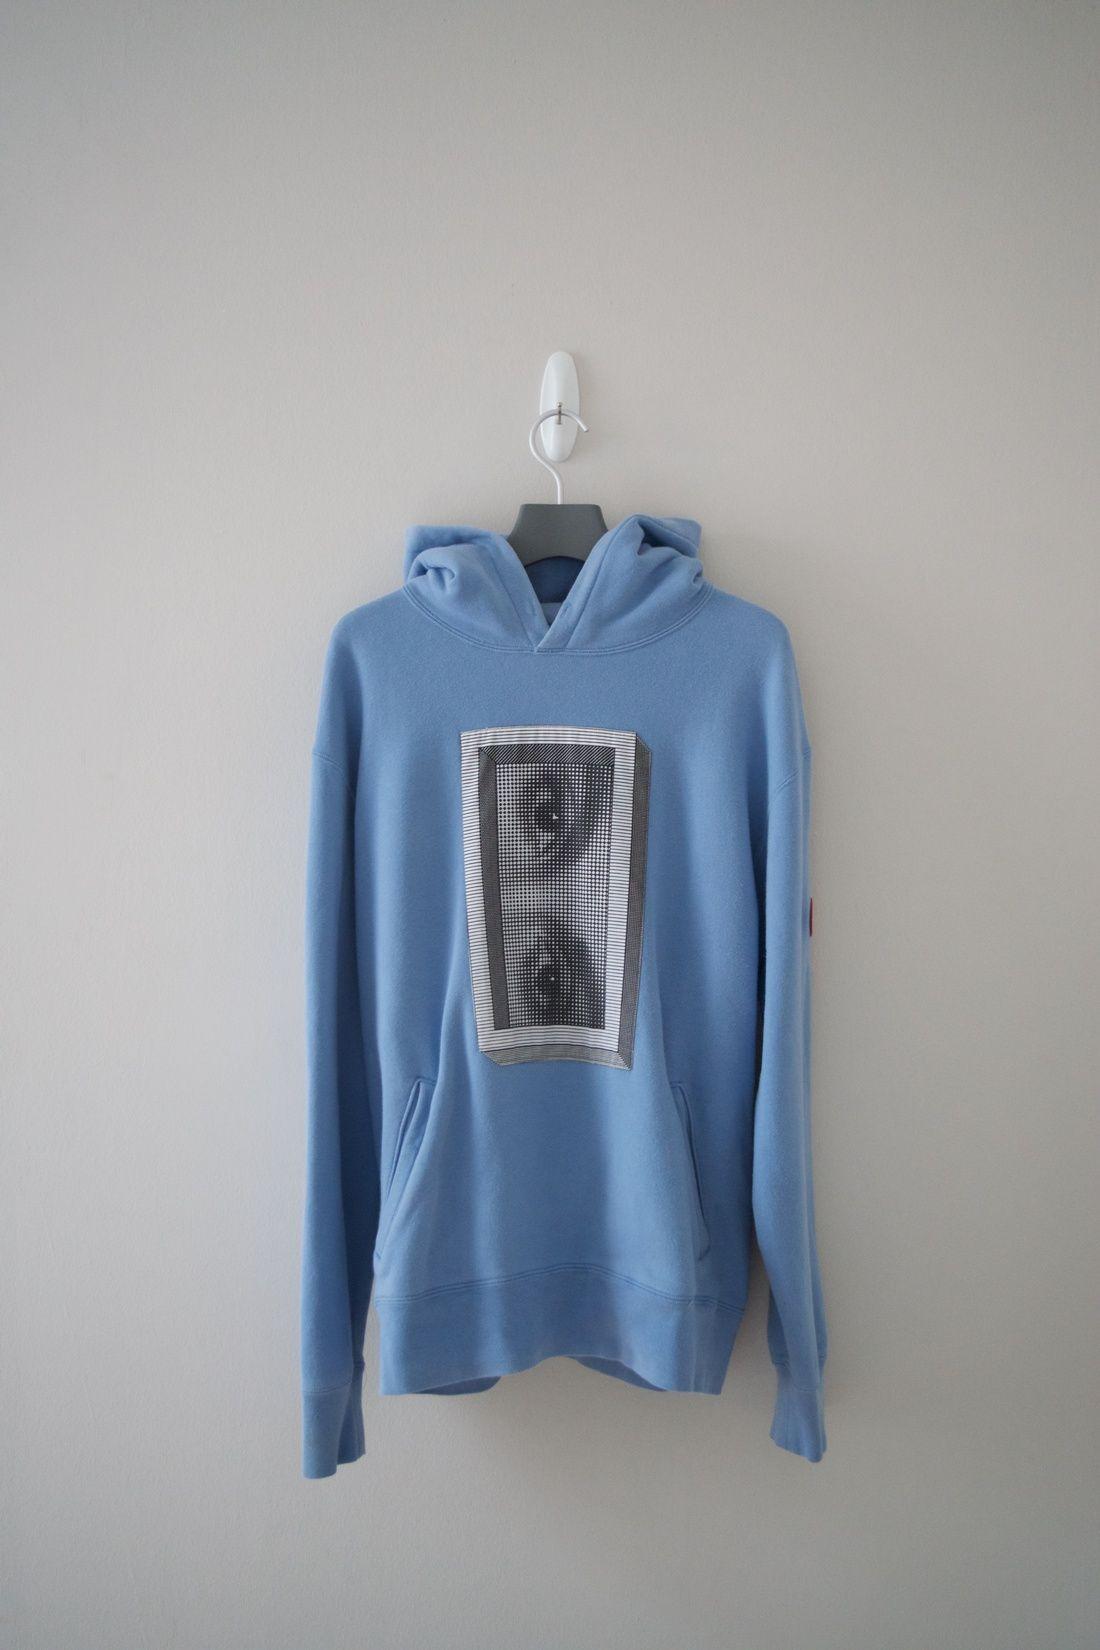 d7ac58d9a Cav Empt 2014 - Blue Icon Hoodie Size US XL   EU 56   4